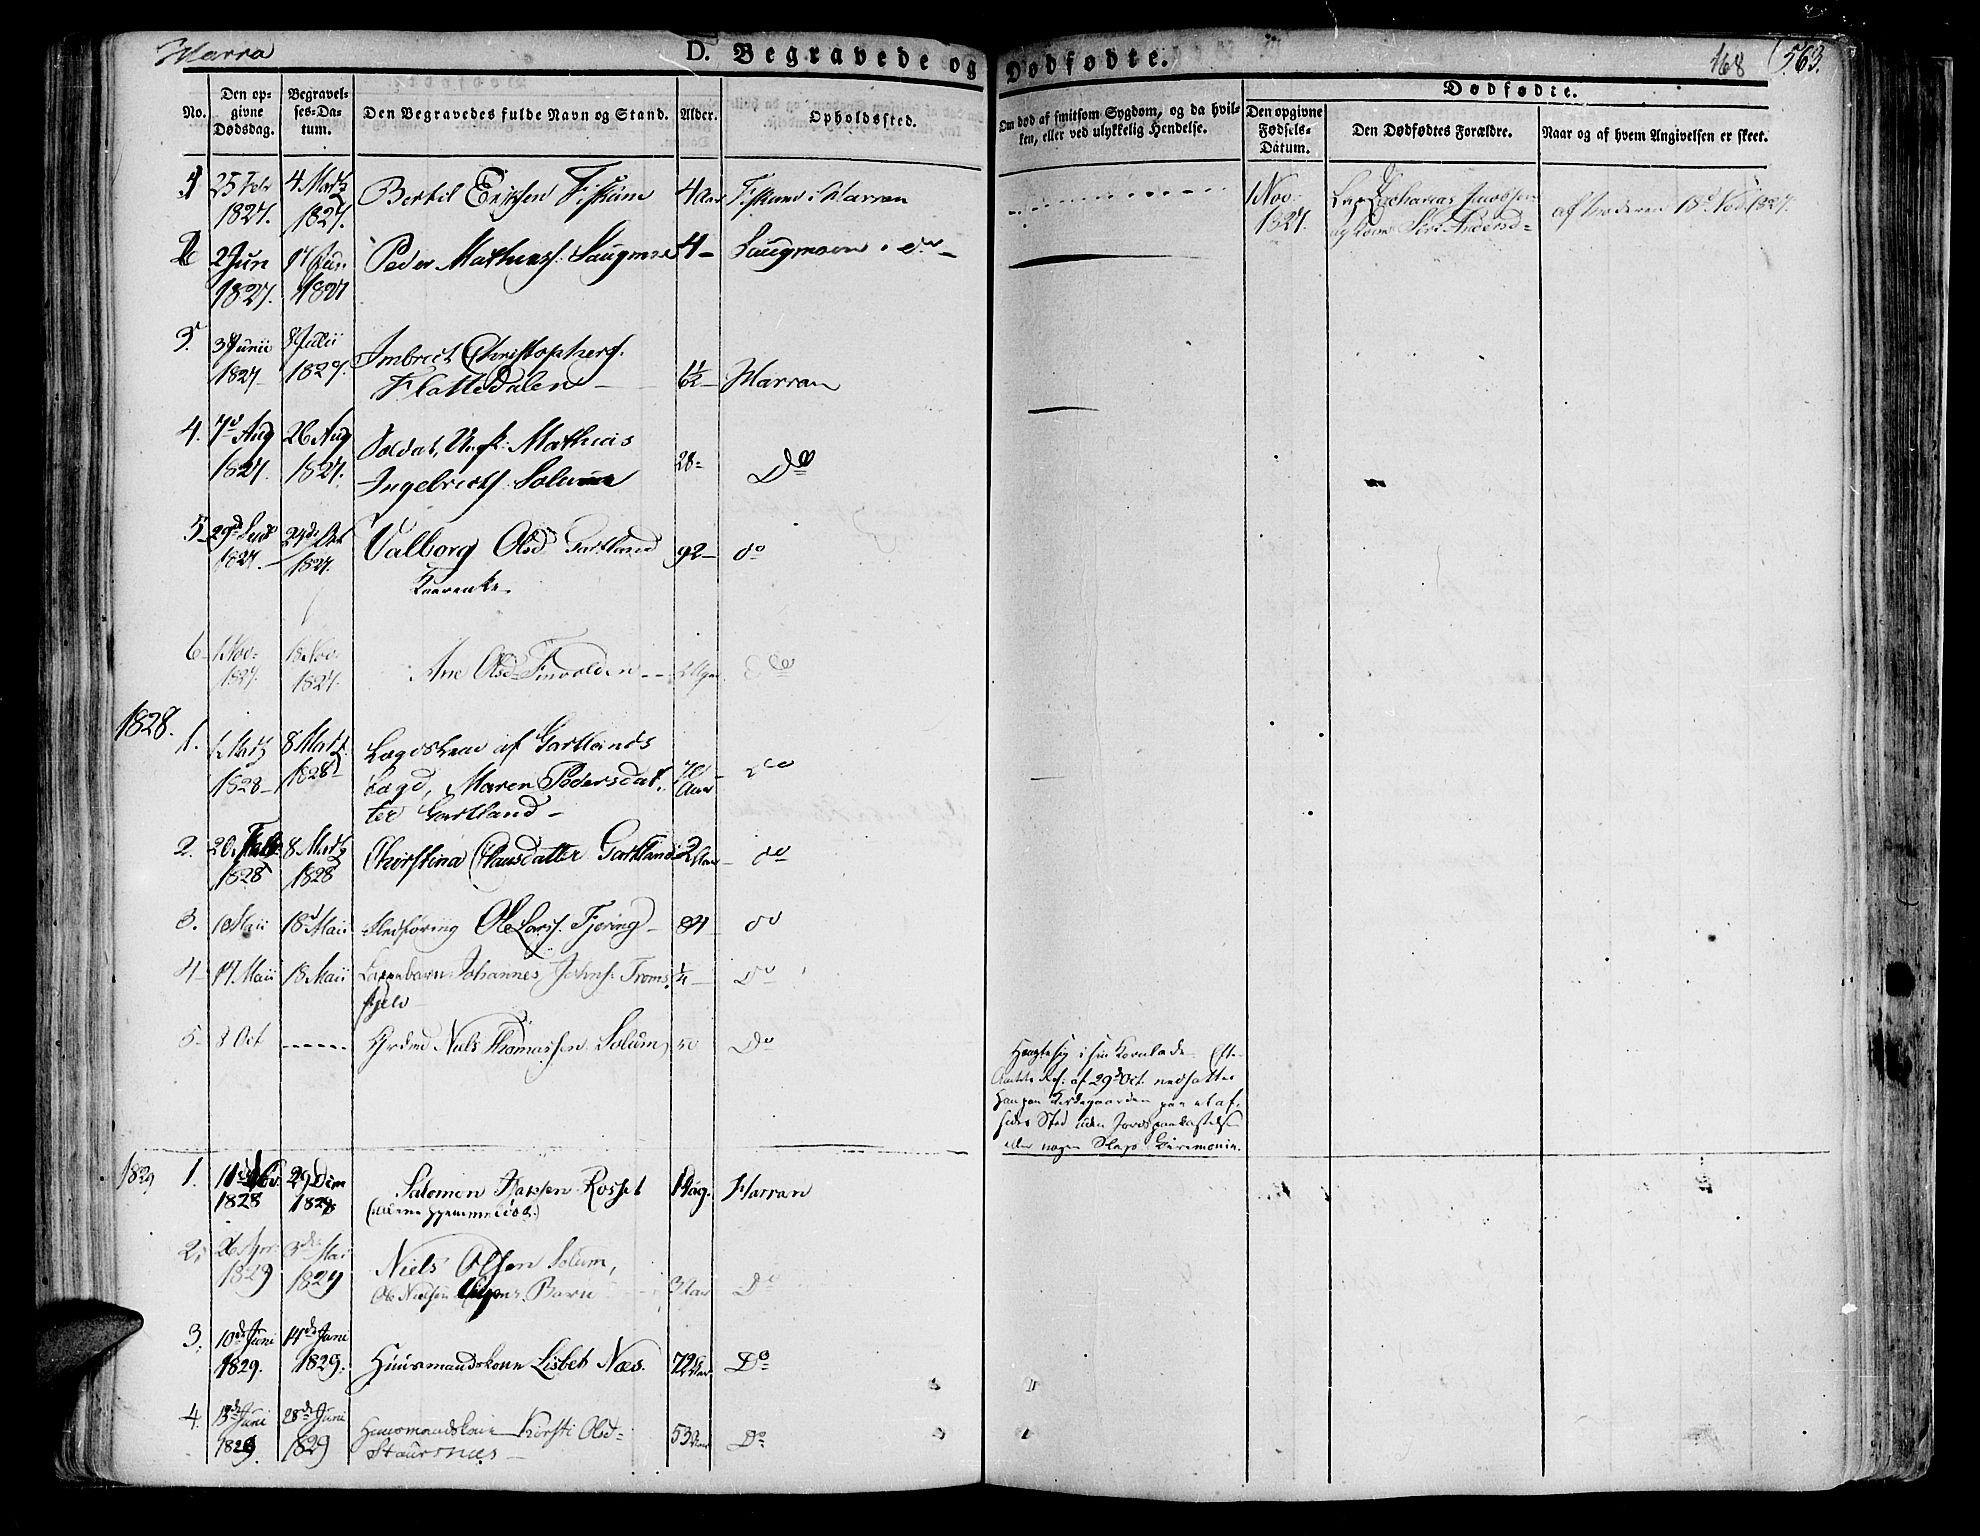 SAT, Ministerialprotokoller, klokkerbøker og fødselsregistre - Nord-Trøndelag, 758/L0510: Ministerialbok nr. 758A01 /3, 1821-1841, s. 168